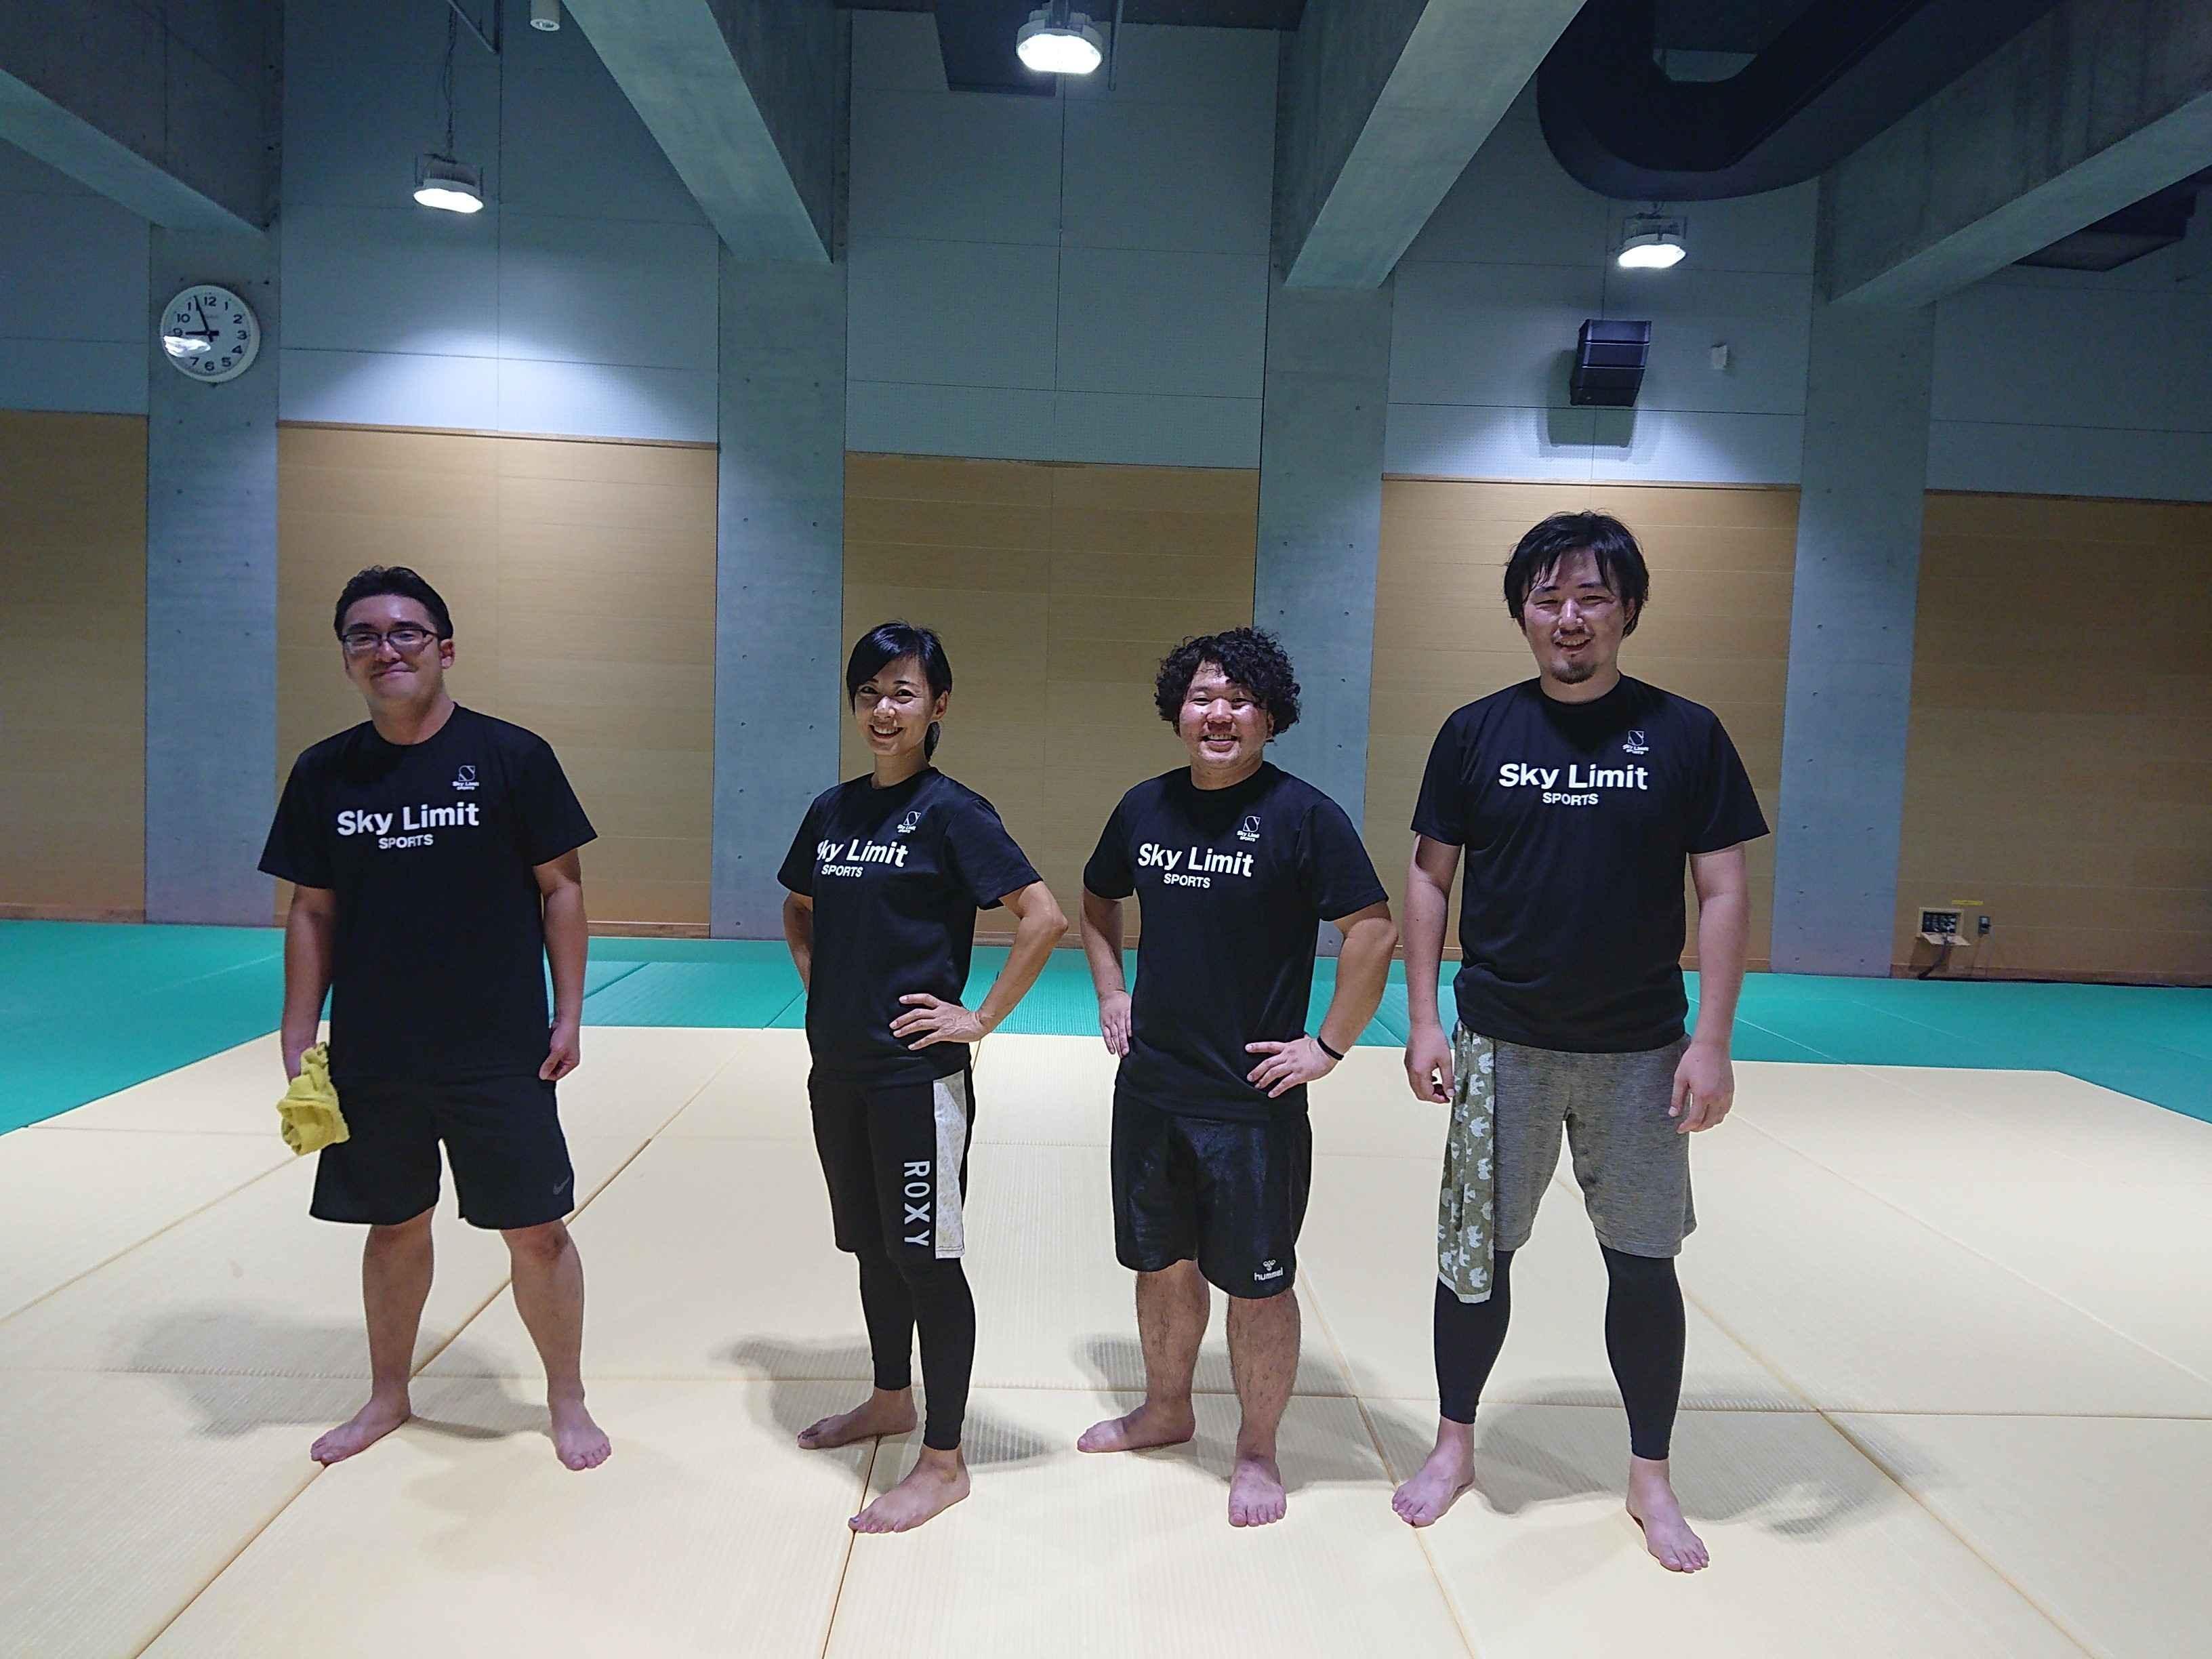 スカイリミットスポーツ三鷹 キックボクシングスクール